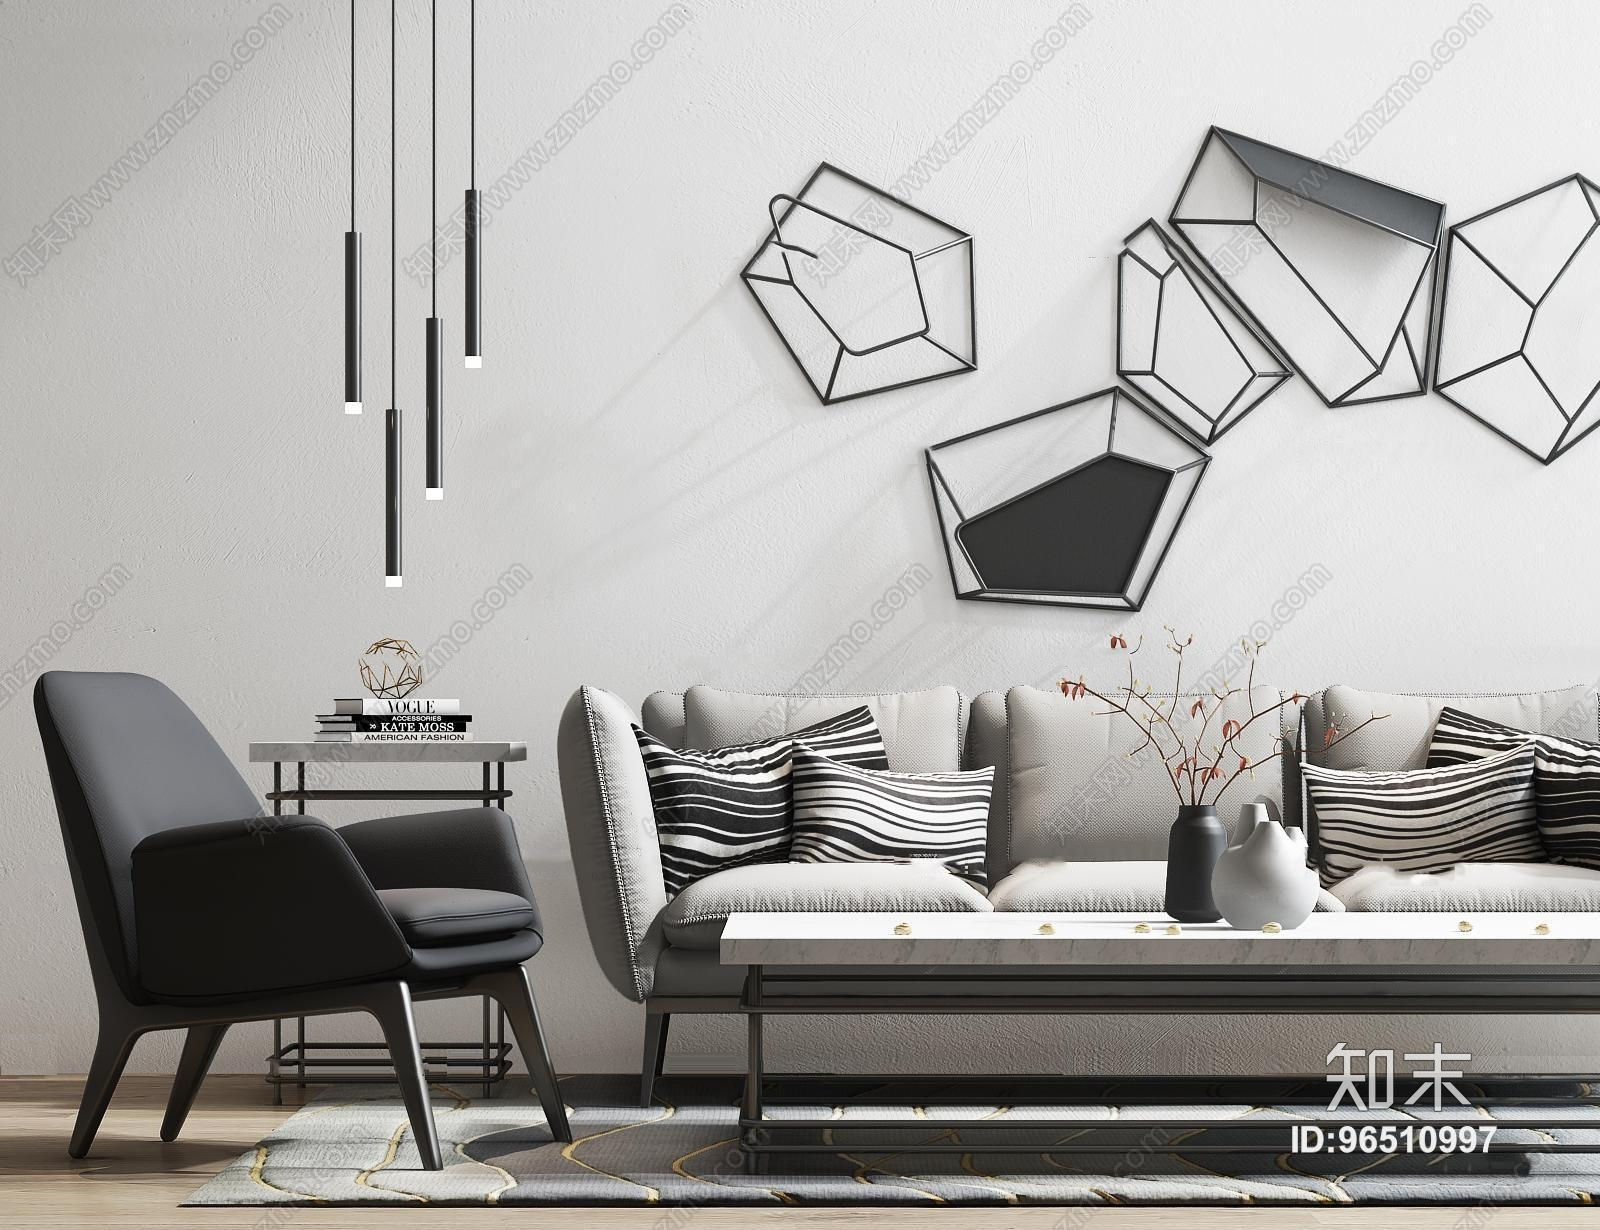 现代多人沙发茶几单椅摆件组合3D模型3D模型下载【ID:96510997】